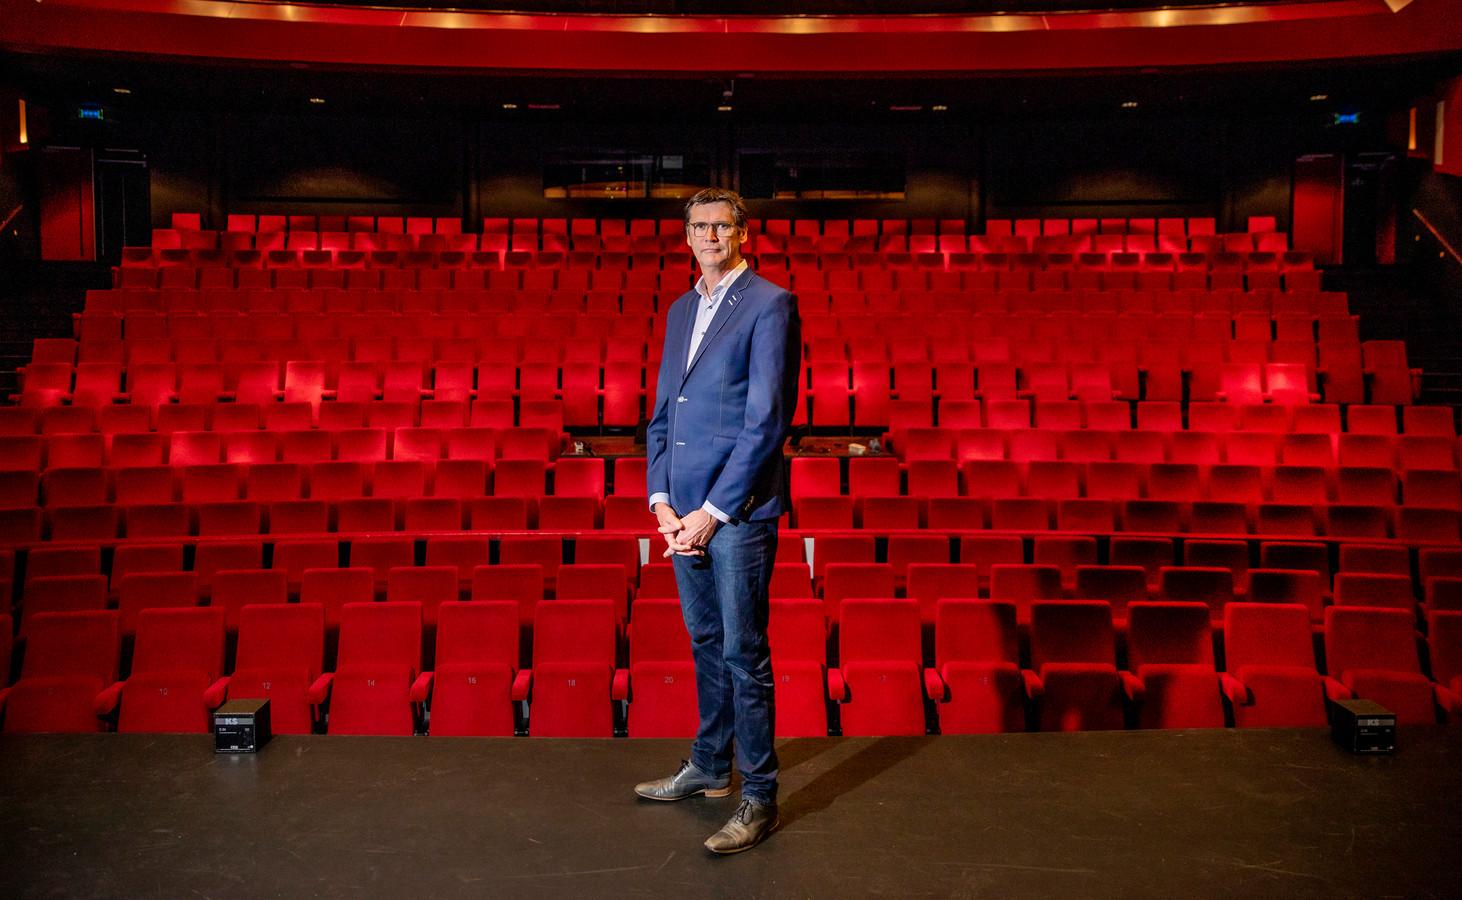 Alex Kühne is nu nog directeur van de Deventer Schouwburg. Hij wordt in november directeur-bestuurder van het Theater aan de Parade in Den Bosch.